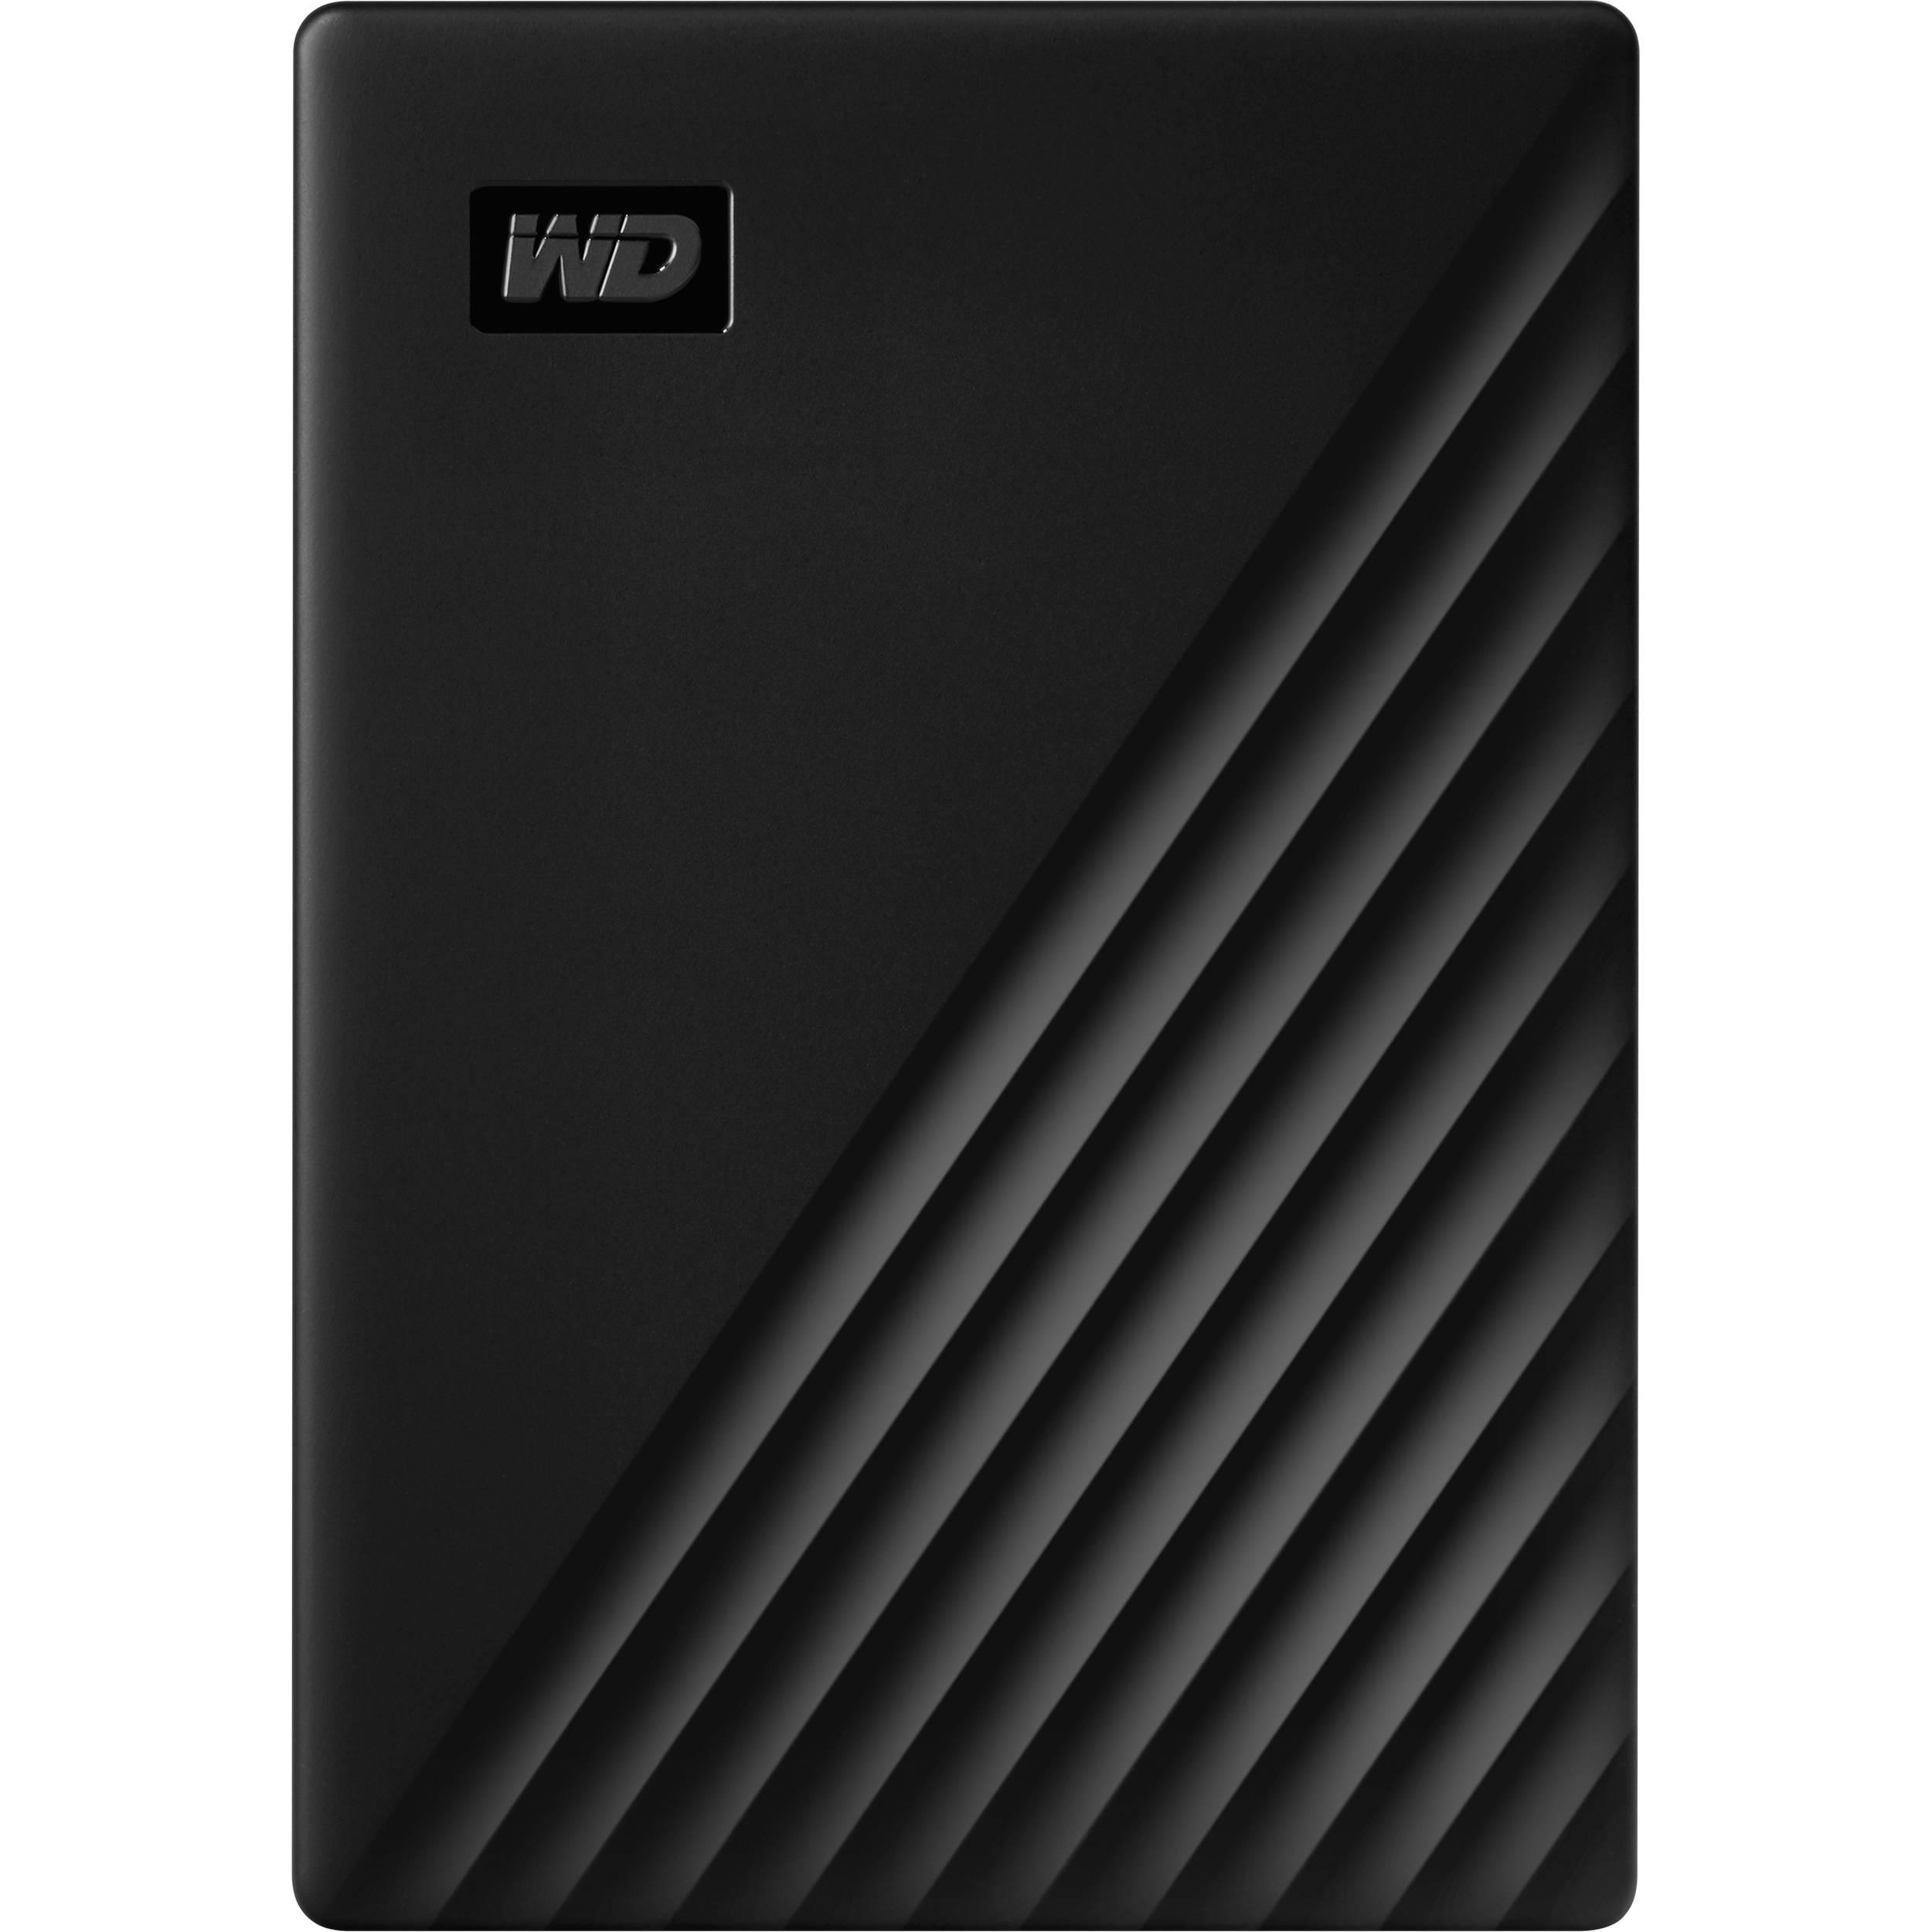 WD 2TB Elements Portable Hard Drive USB 3.0 Model WDBU6Y0020BBK-0A Black